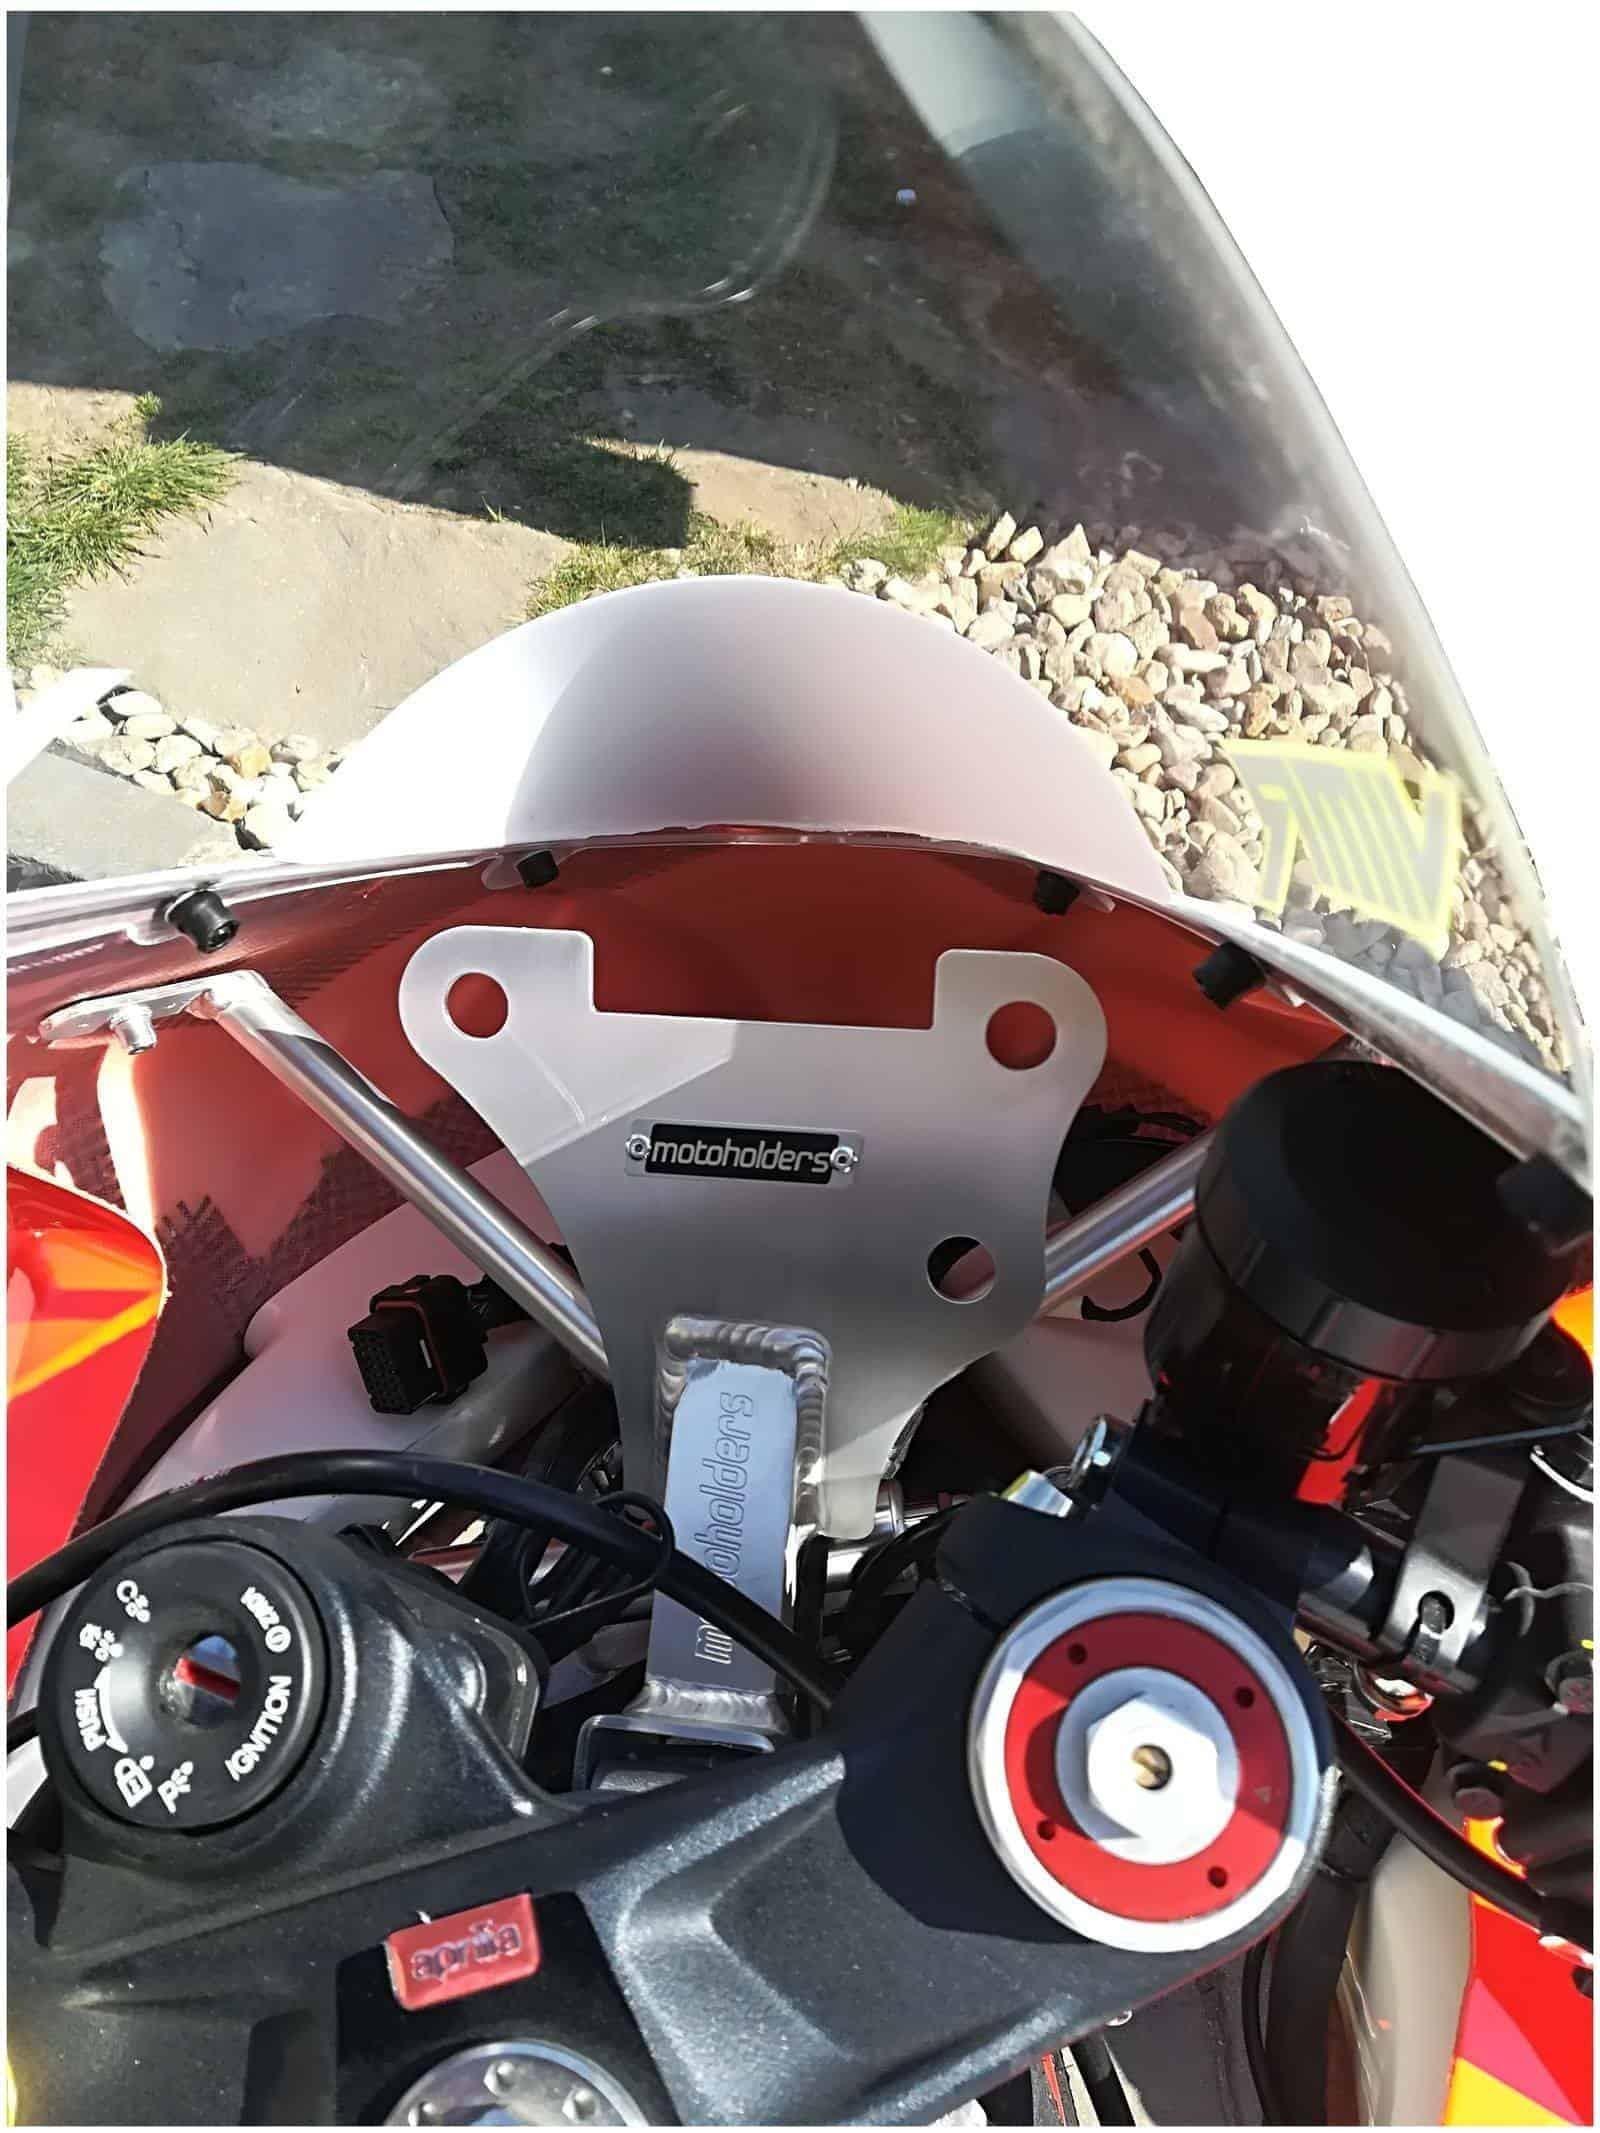 ARAIGNEE RACING MOTOHOLDERS APRILIA RSV4